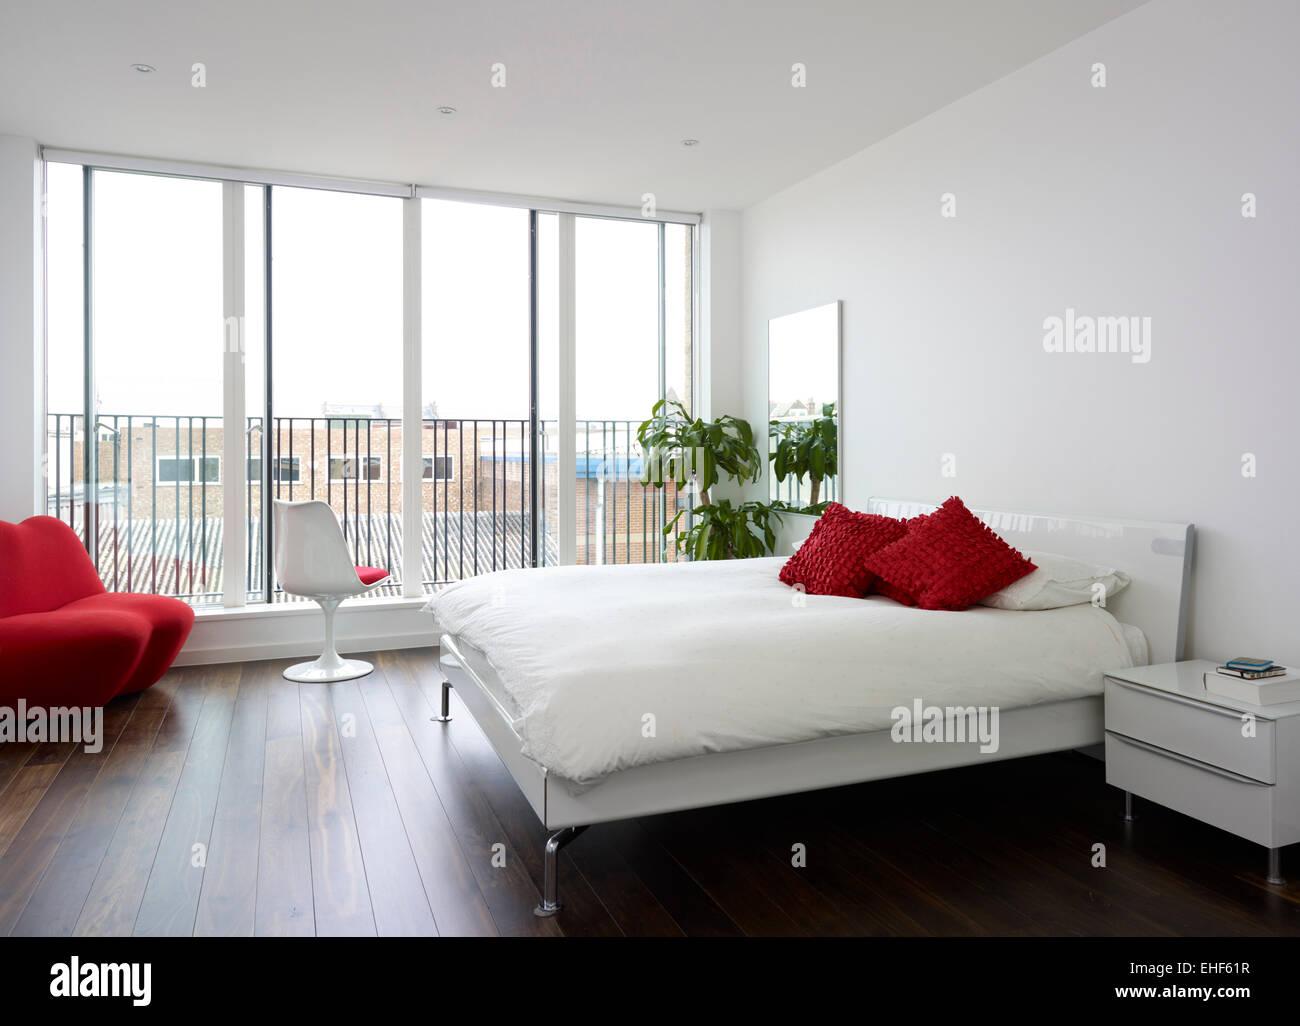 Camere da letto moderne con pavimenti in parquet scuro e ...